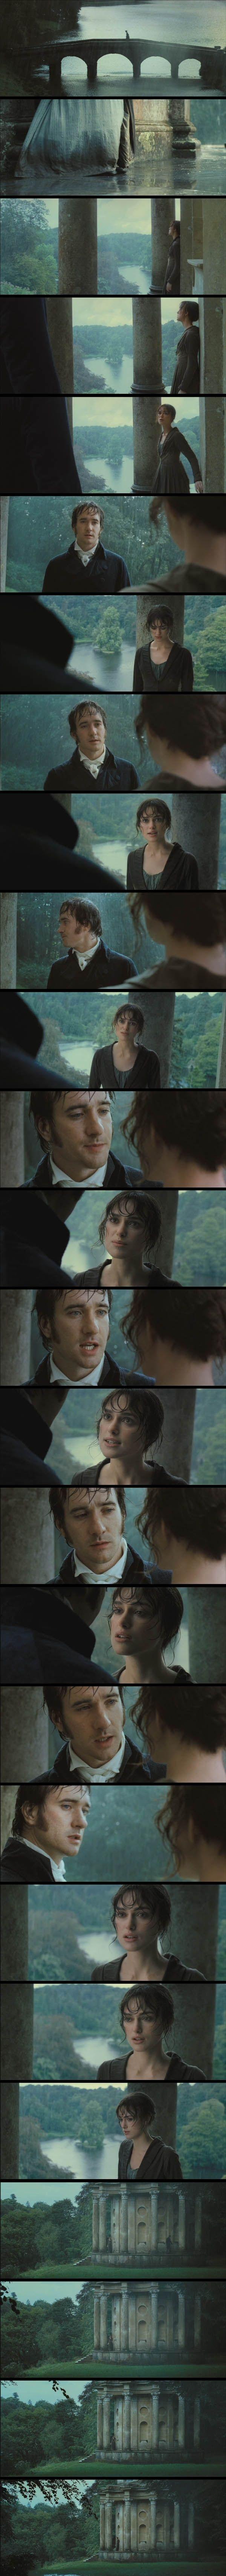 Sr Darcy y Elizabeth Bennet de Orgullo y Prejuicio (AMO esta escena)